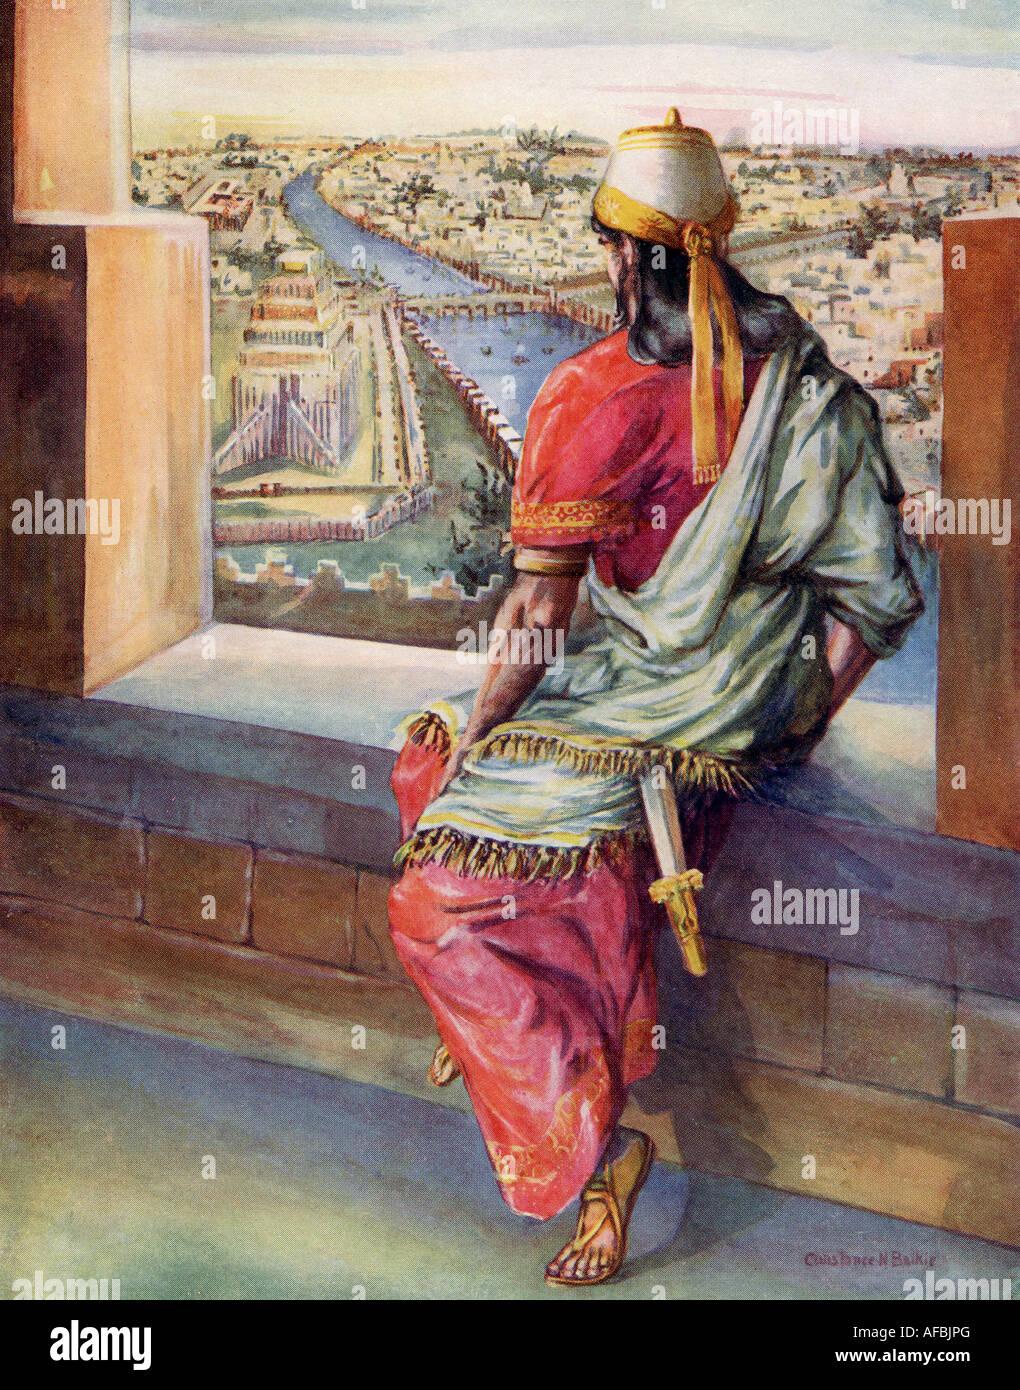 King Nebuchadrezzar II, aka Nebuchadrezzar, c. 630-562 BC looking over Babylon. Stock Photo